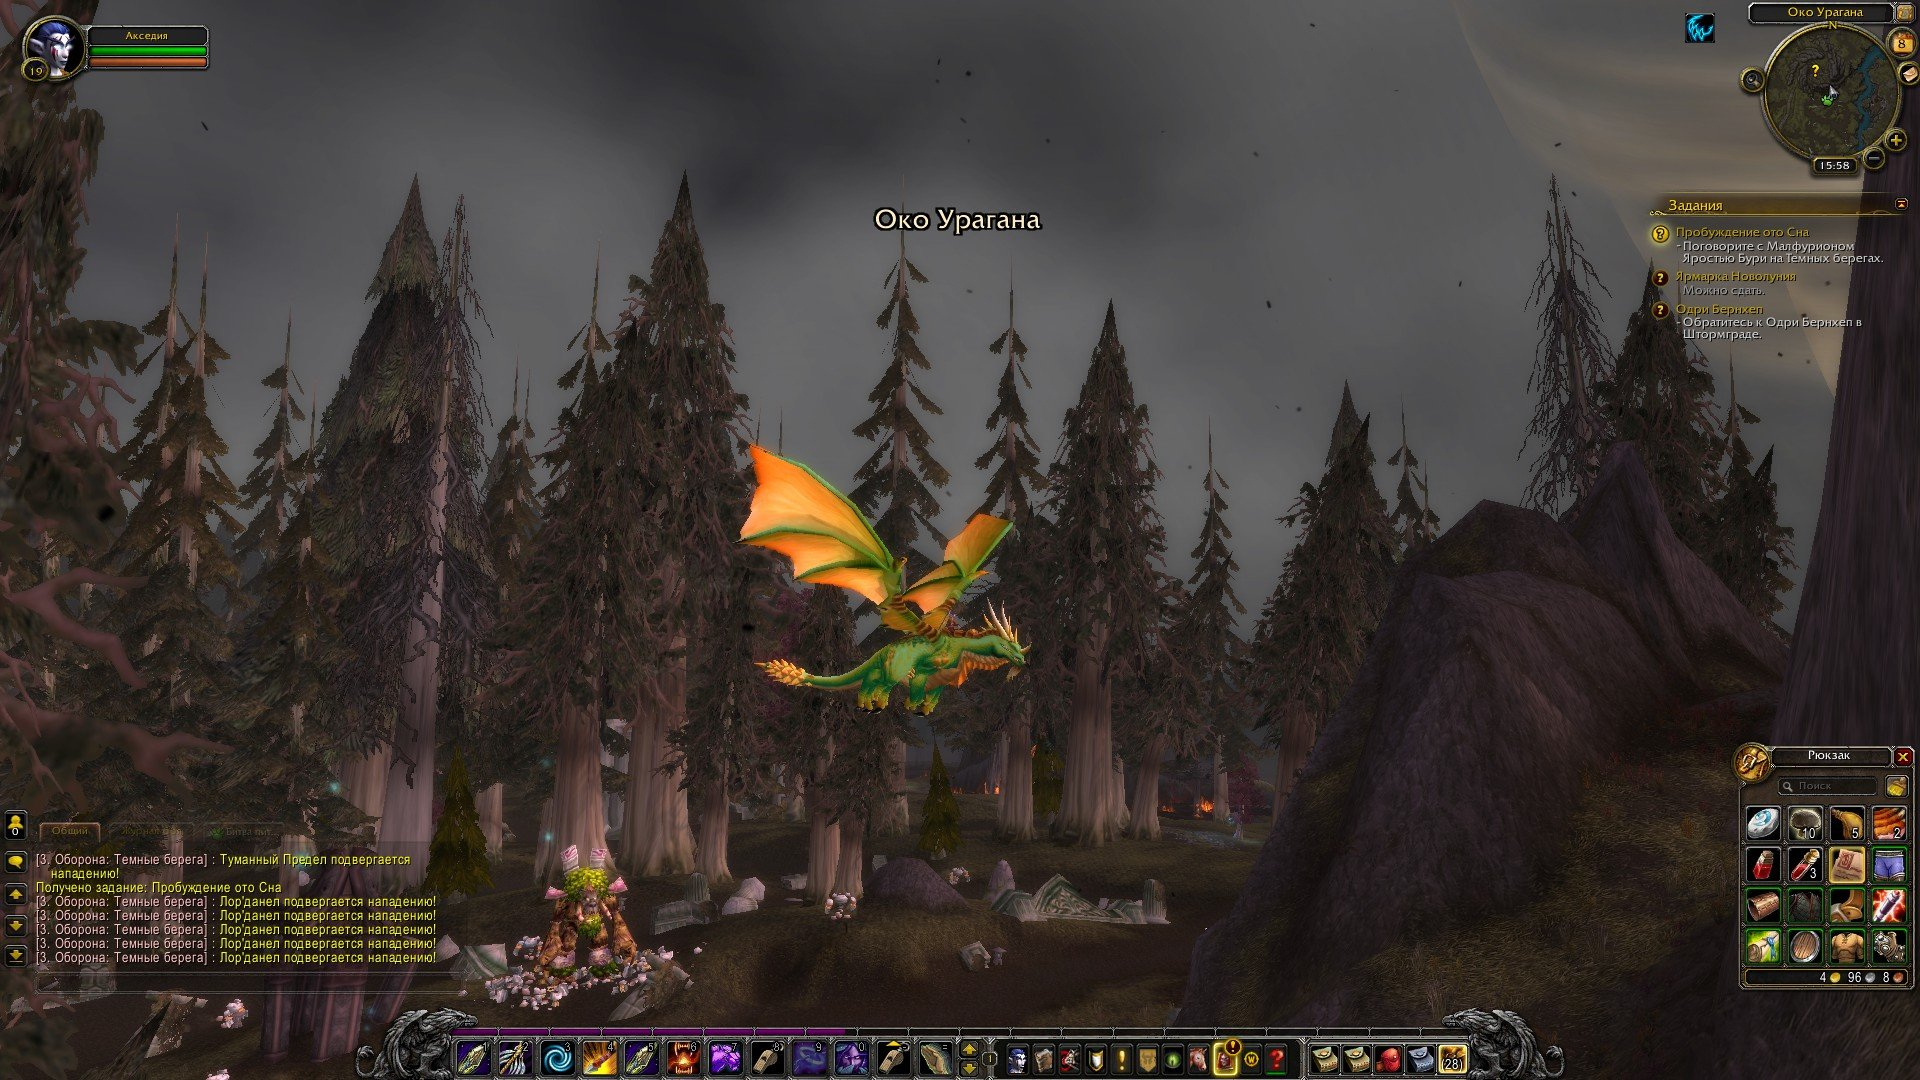 Путешествие по World of Warcraft ... Ночной Эльф. Глава 2. - Изображение 18